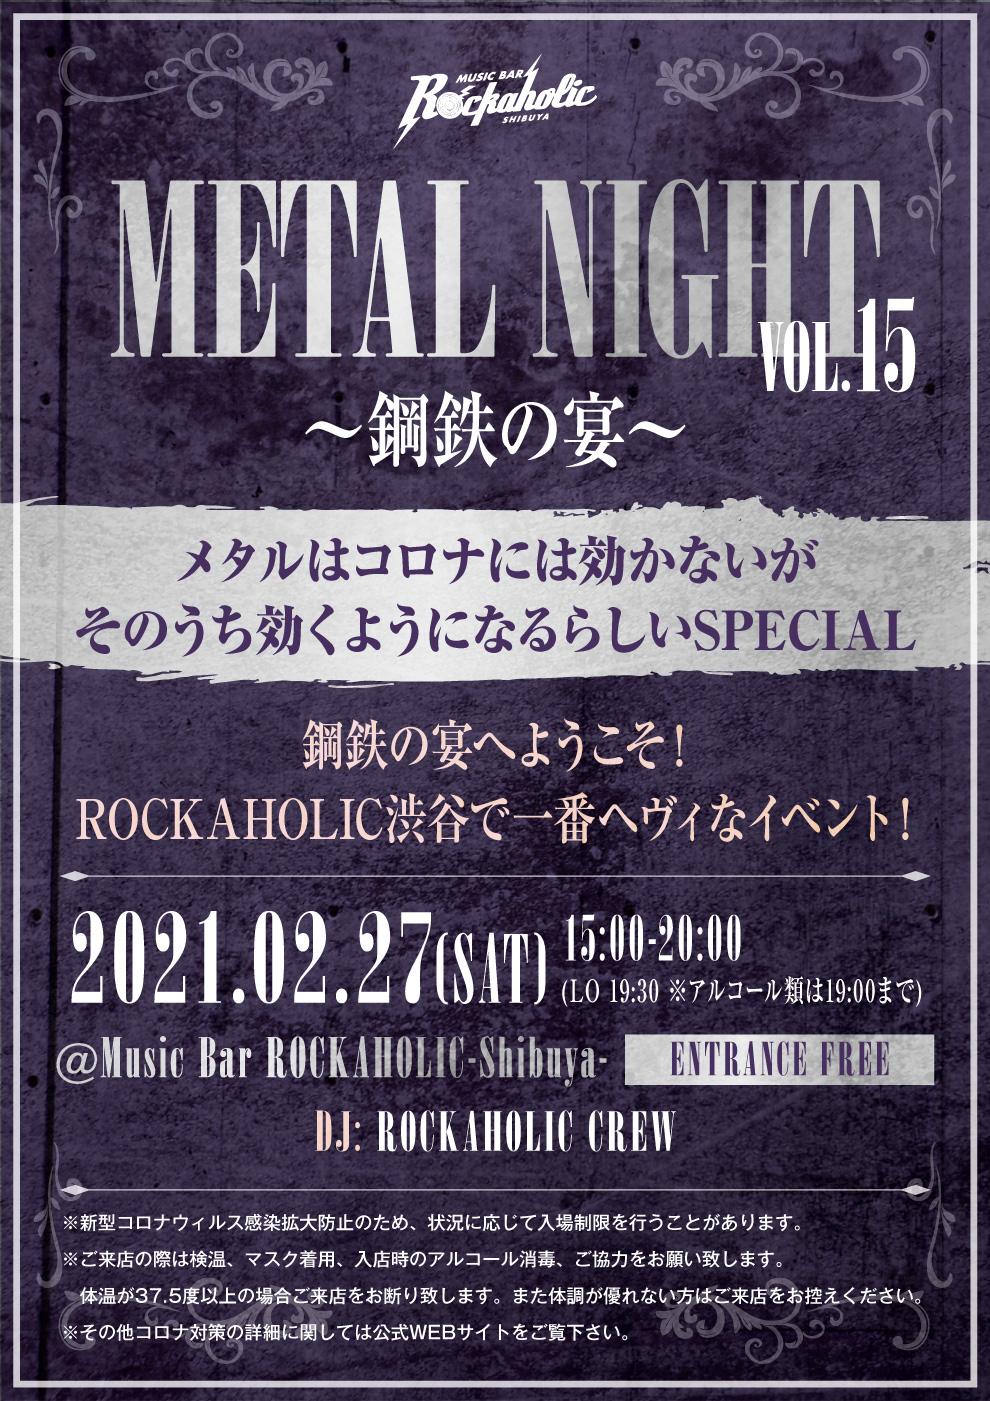 https://bar-rockaholic.jp/shibuya/blog/20210223_185654.jpg